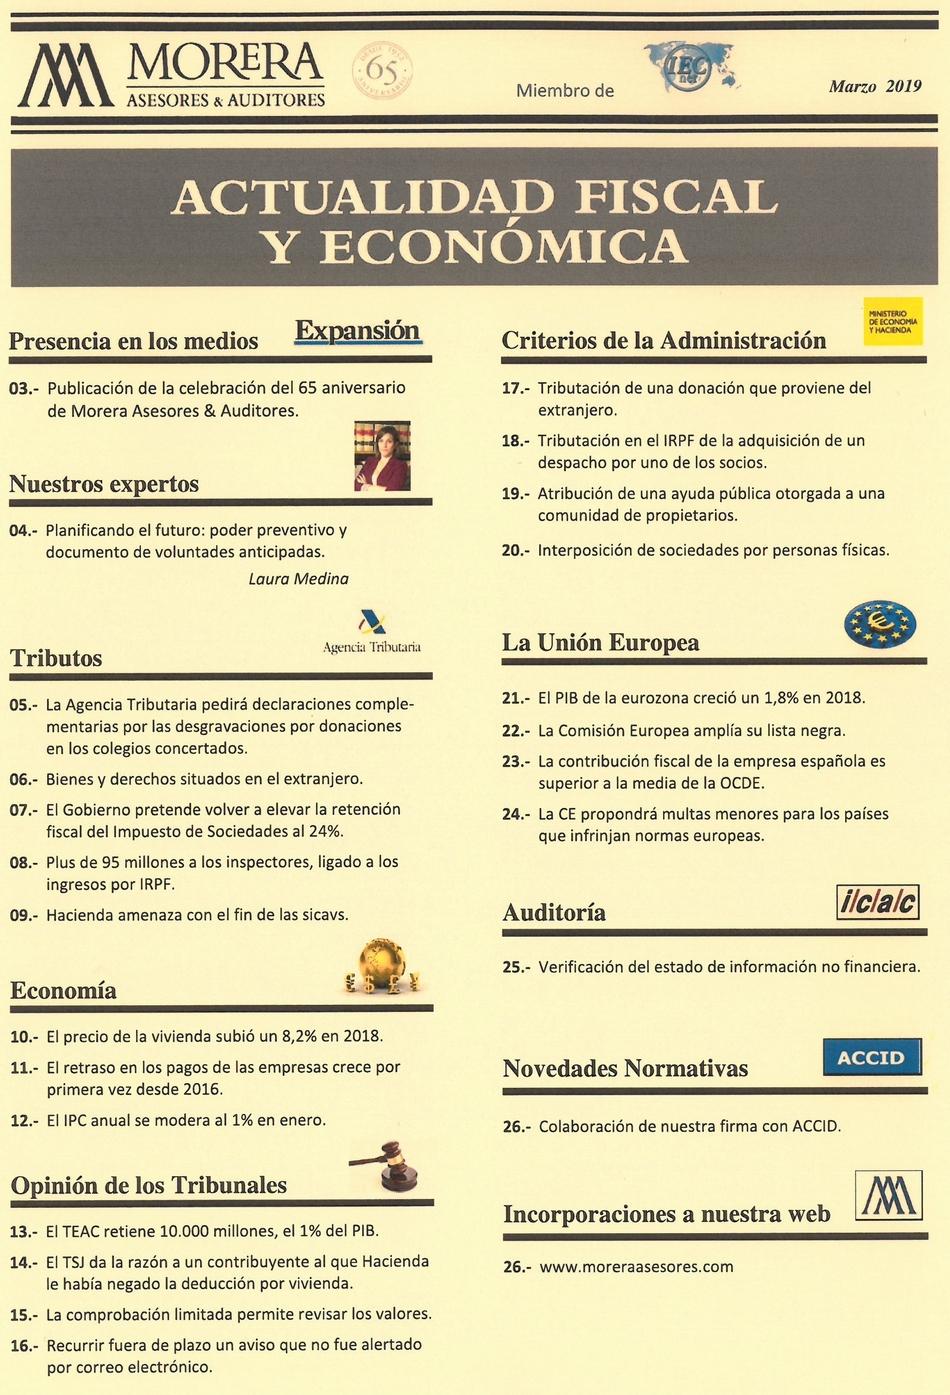 Revista Morera Asesores & Auditores Marzo 2019